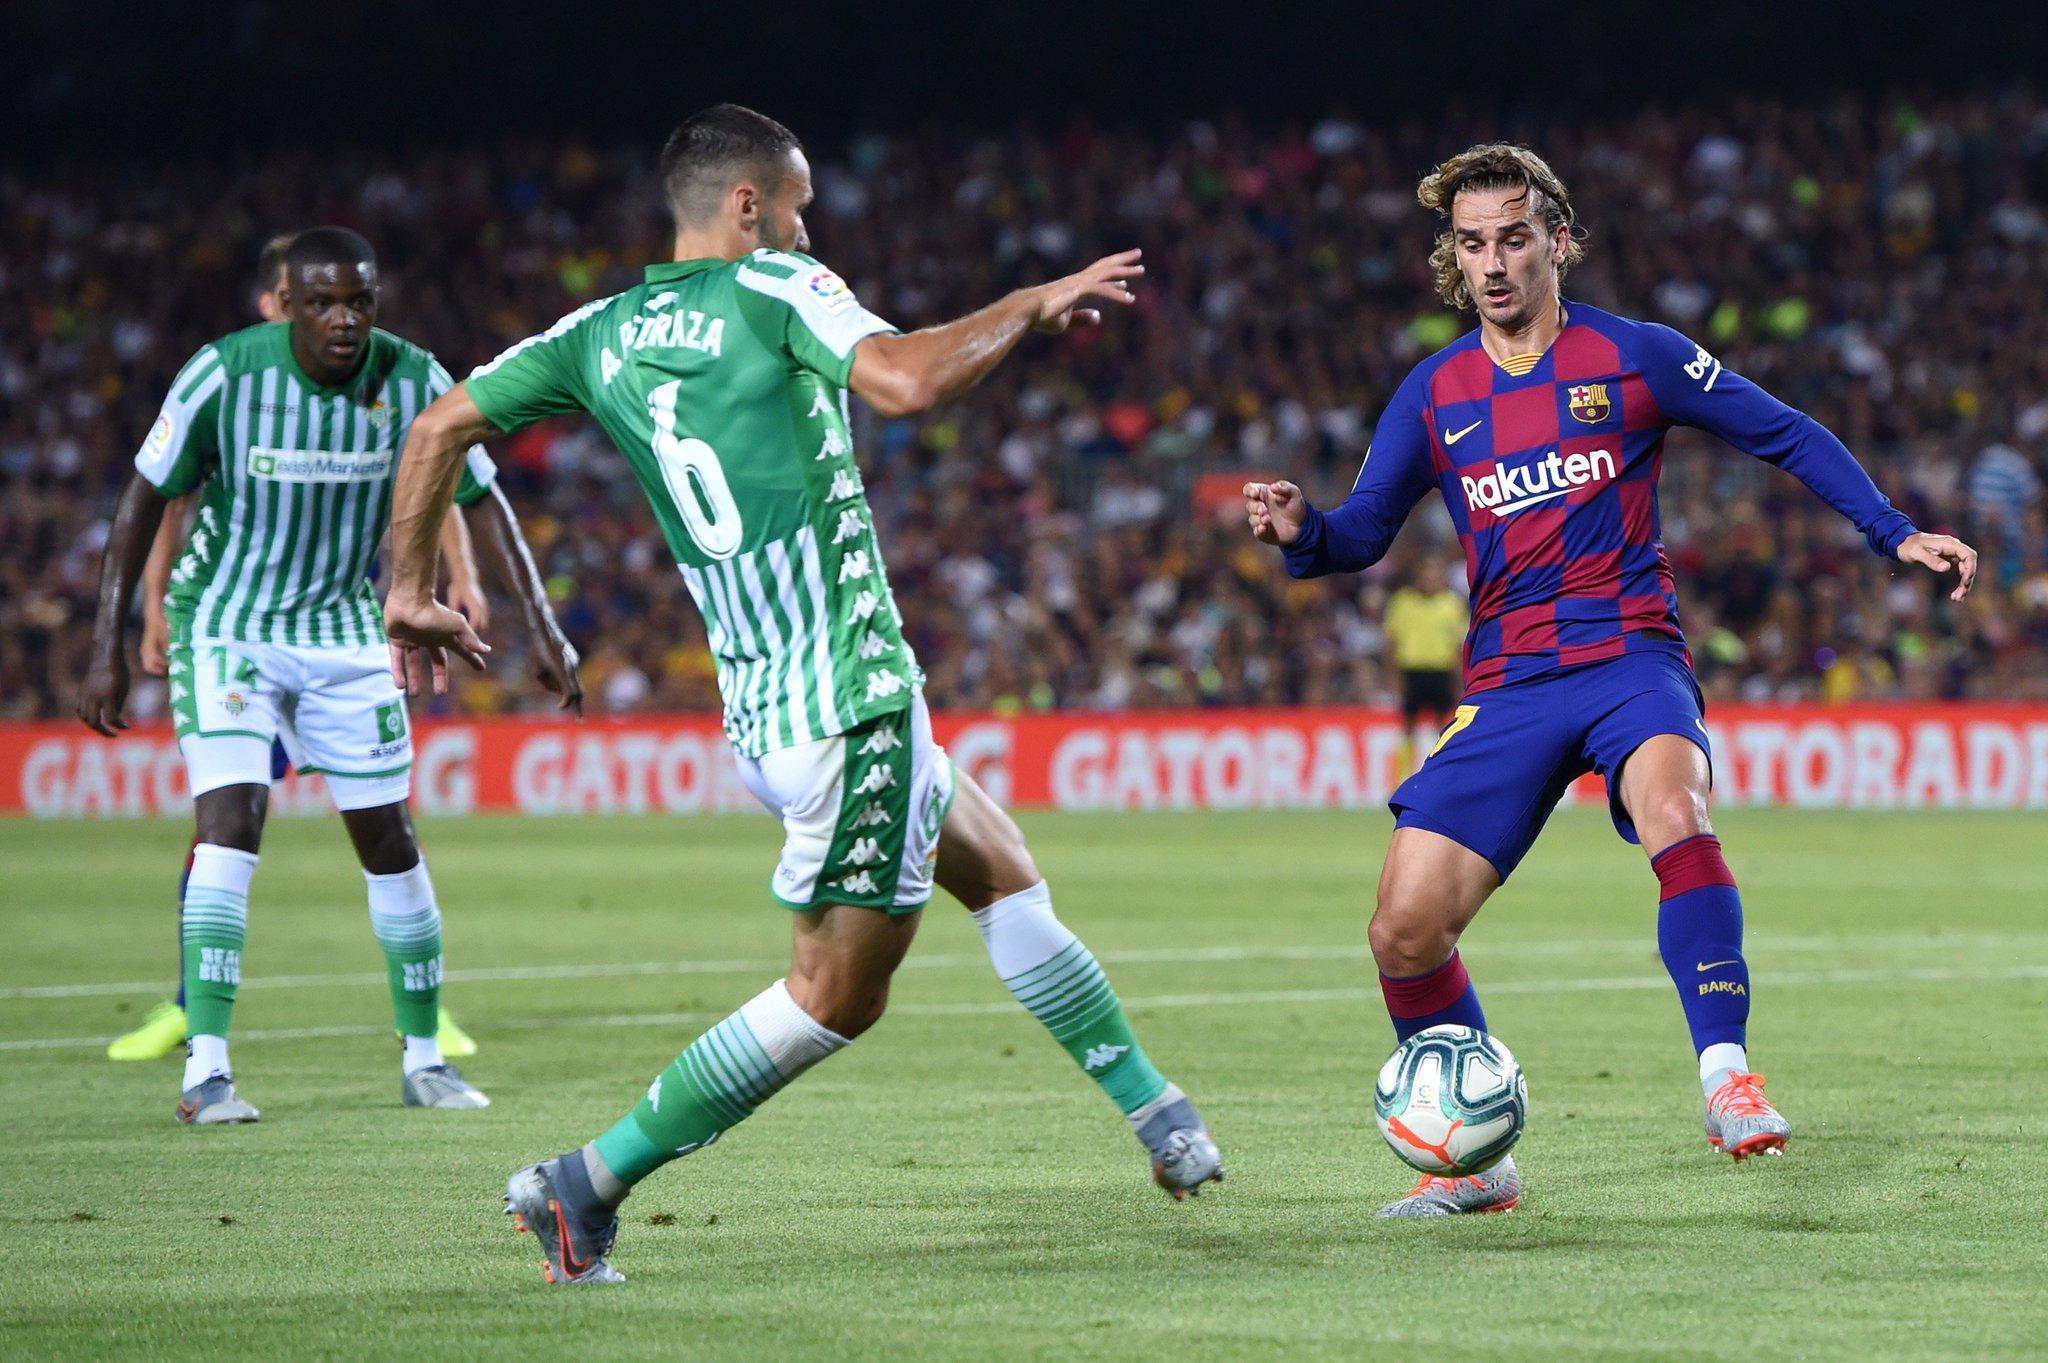 هدف برشلونة الأول في شباك ريال بيتيس